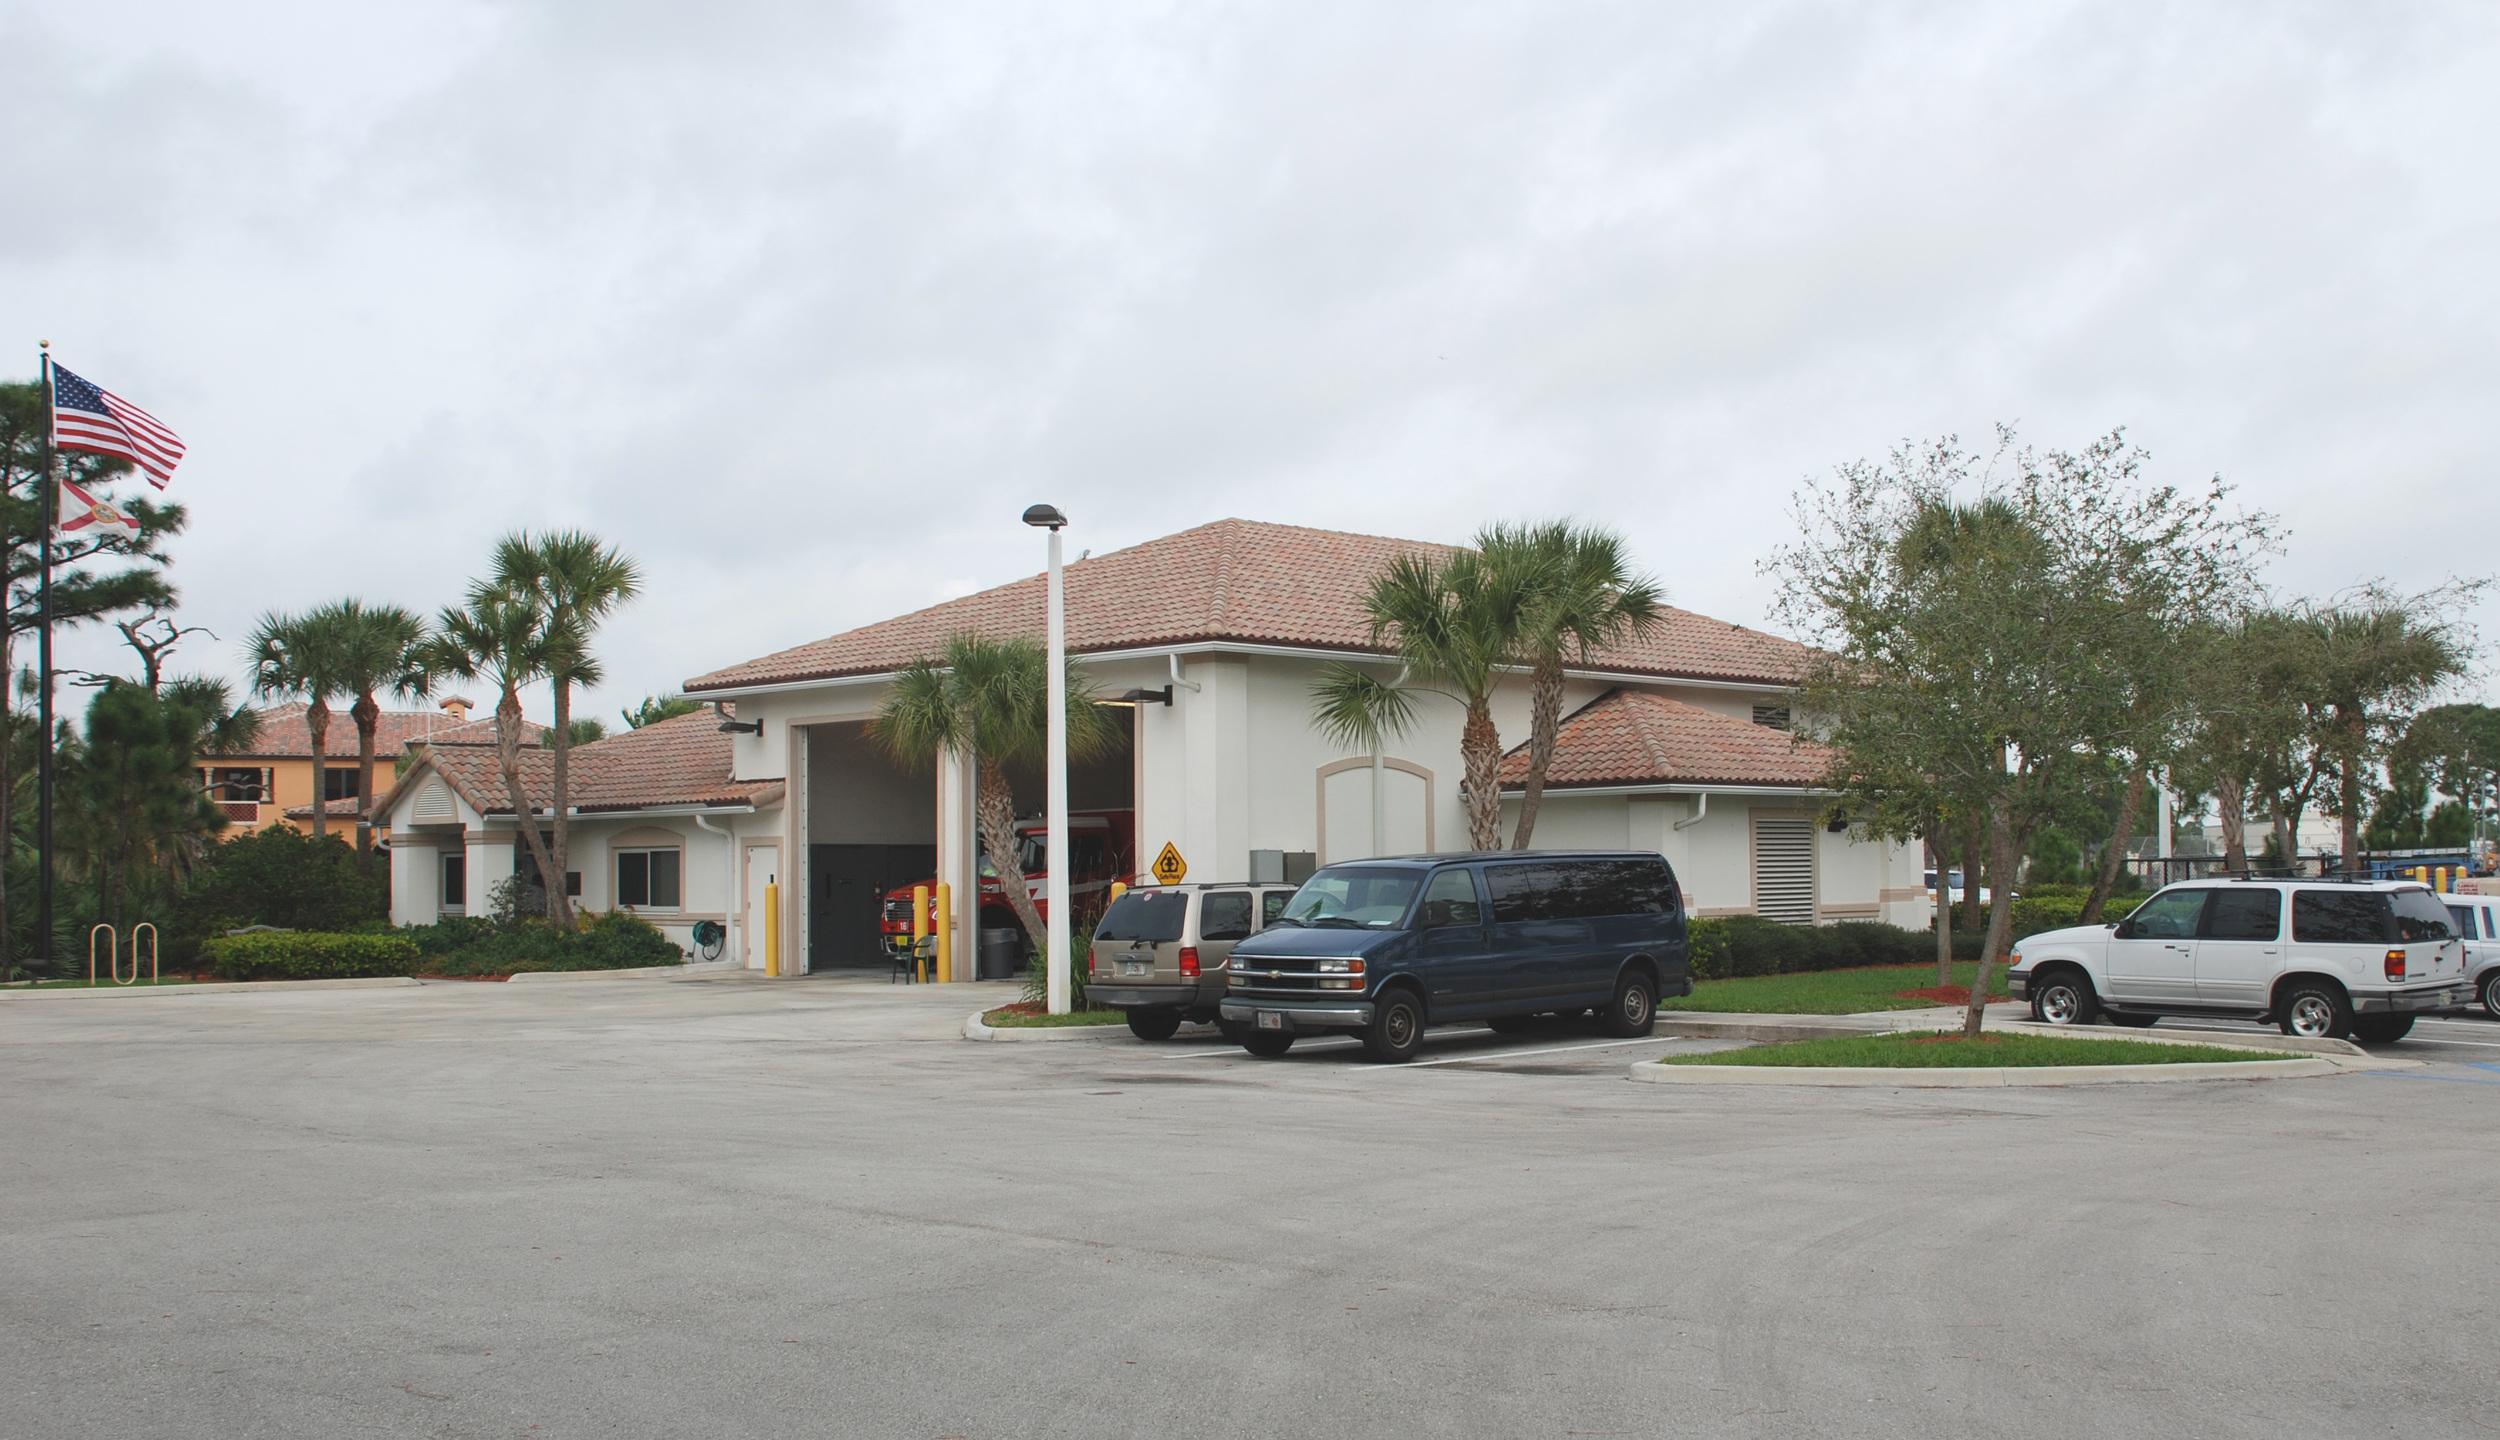 Palm Beach County Abacoa Fire Station #16